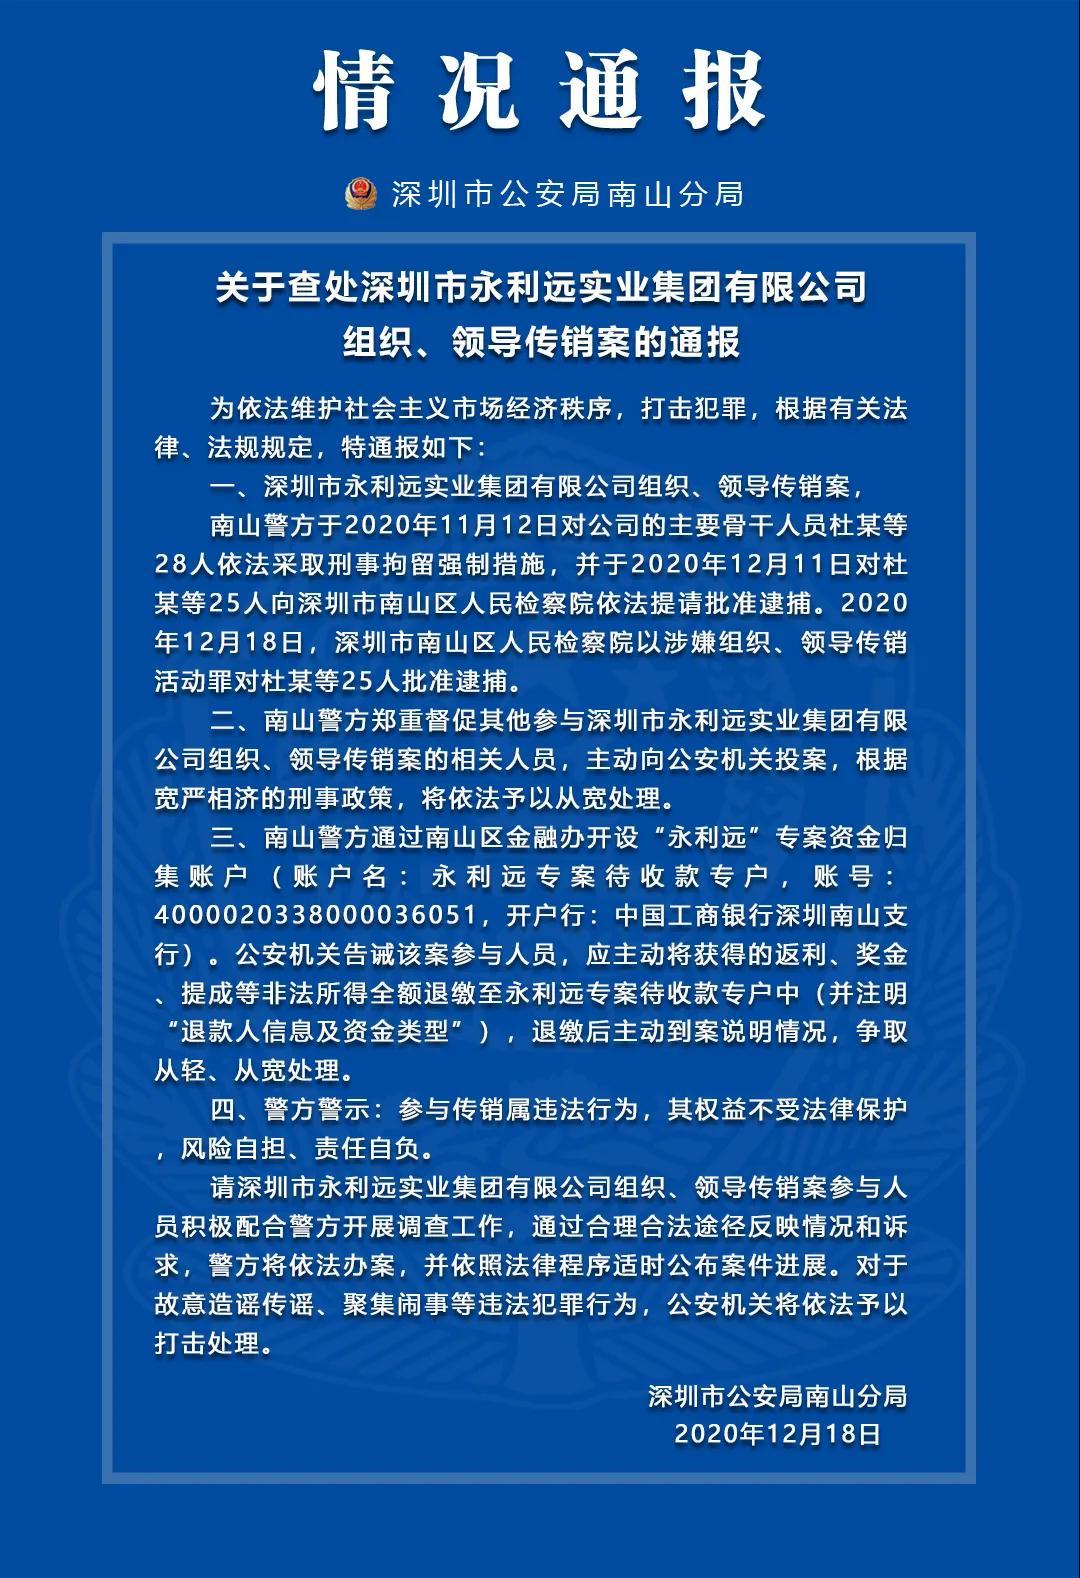 电银付app下载(dianyinzhifu.com):25人被检察院批捕!深圳警方转达一传销案新进展 第1张